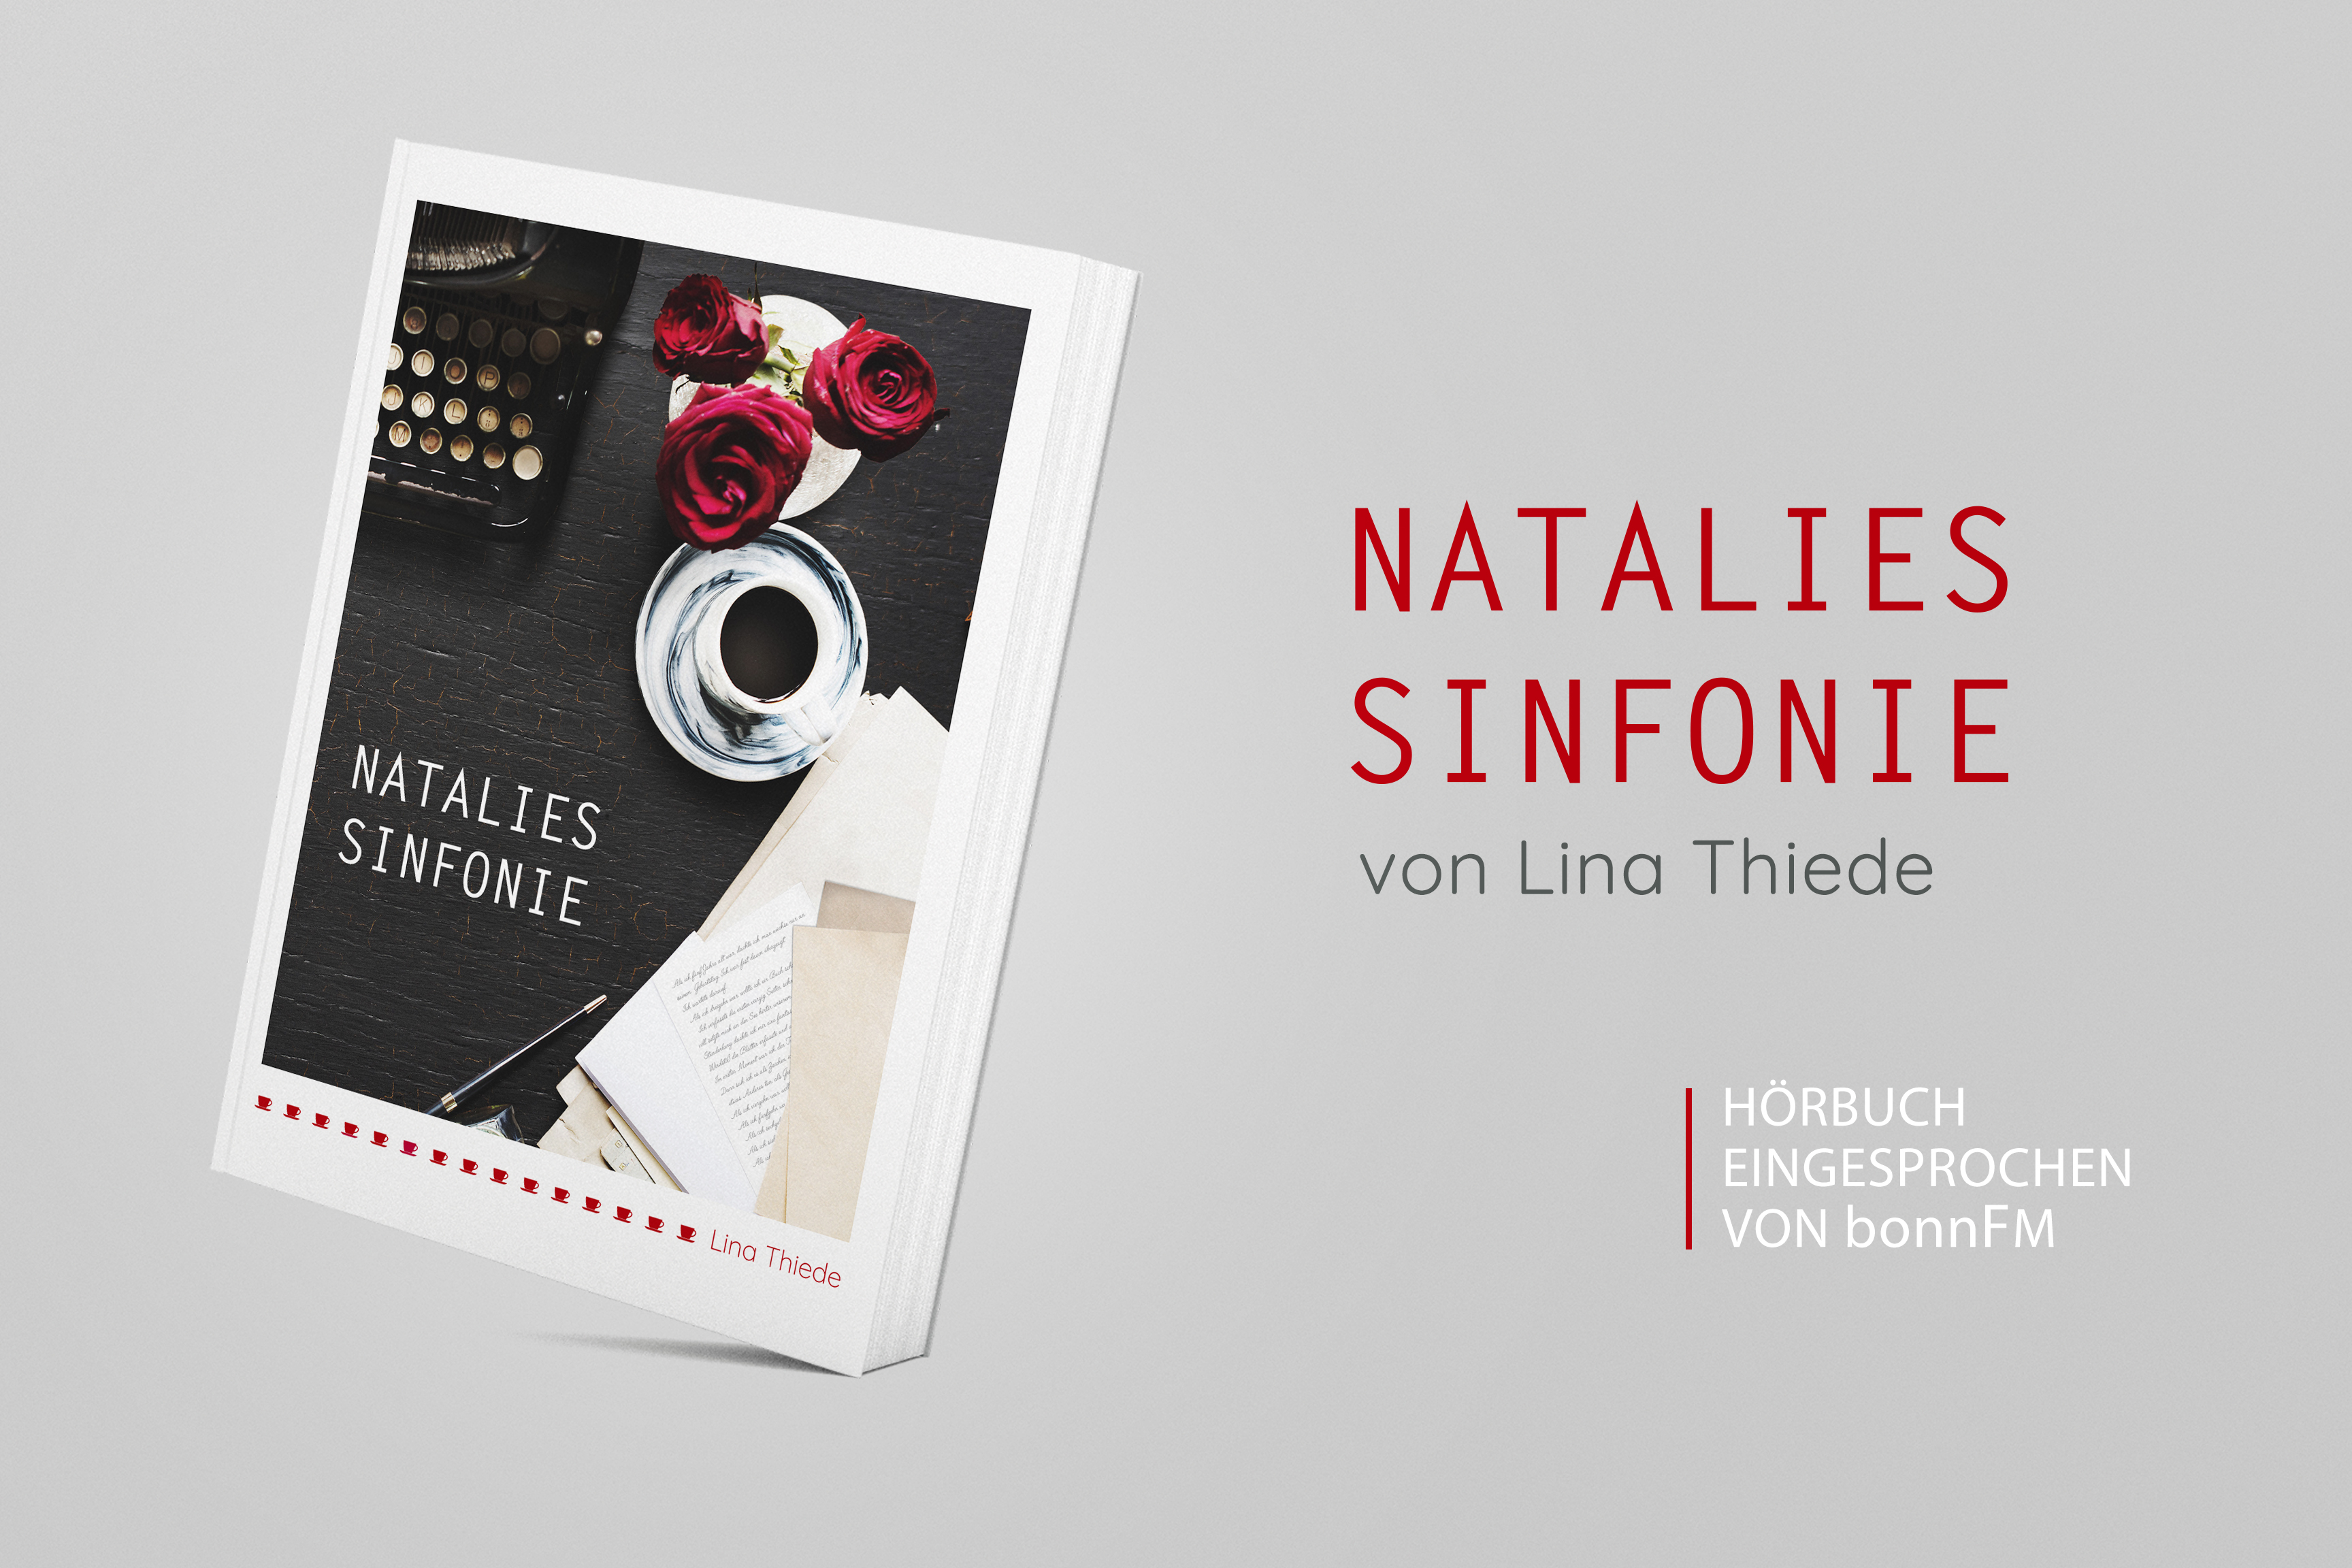 Natalies Sinfonie von Lina Thiede – Kapitel 9: Nocturne